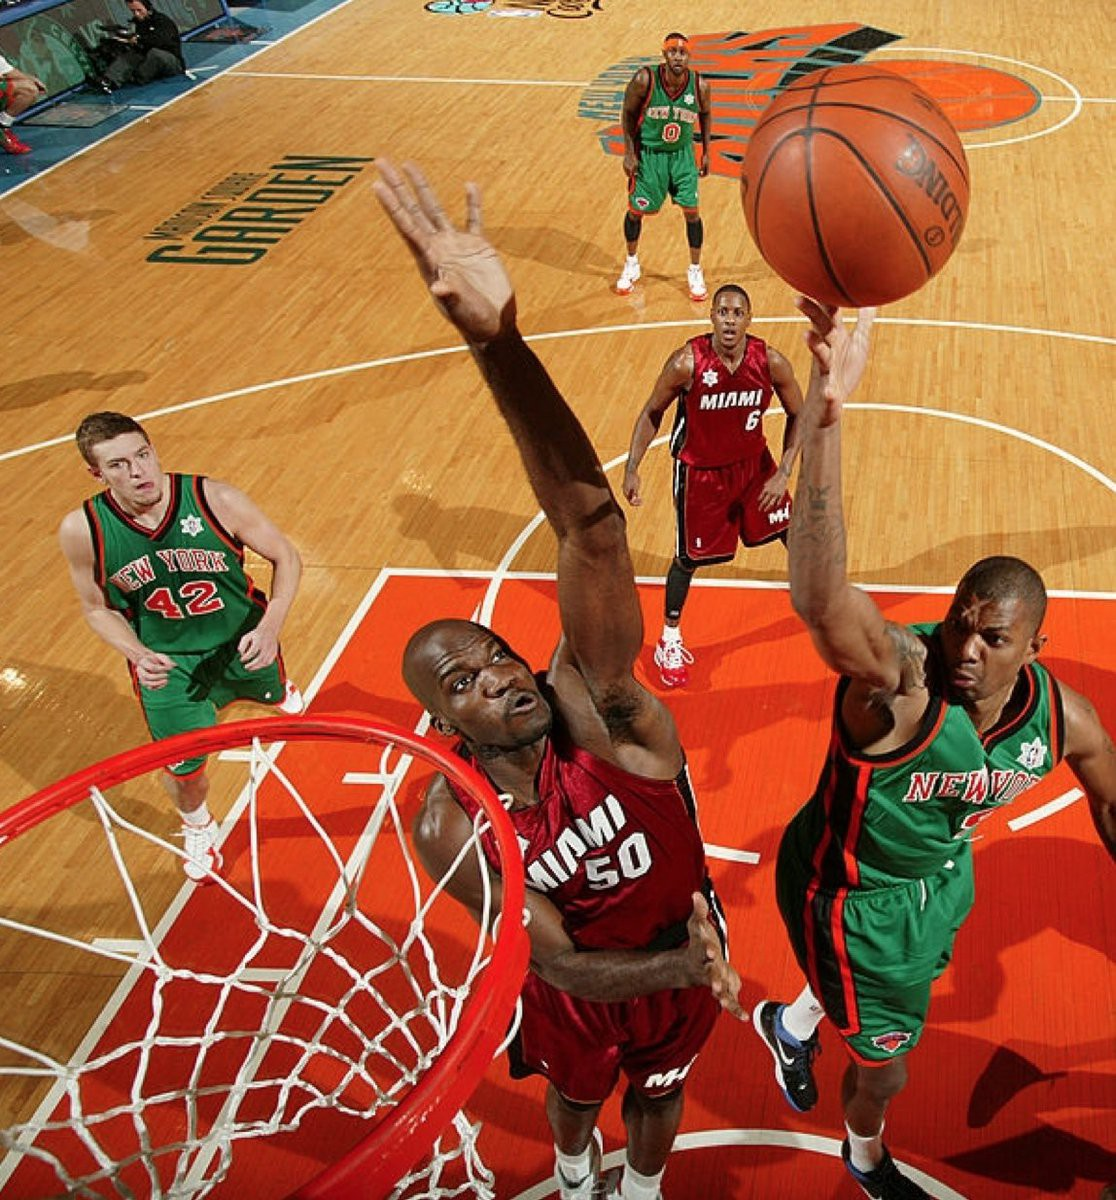 """Bộ đồng phục """"St.Patrick"""" được Knicks sử dụng với màu xanh lá, khác với hai màu thường thấy, để hợp với không khí Giáng Sinh."""